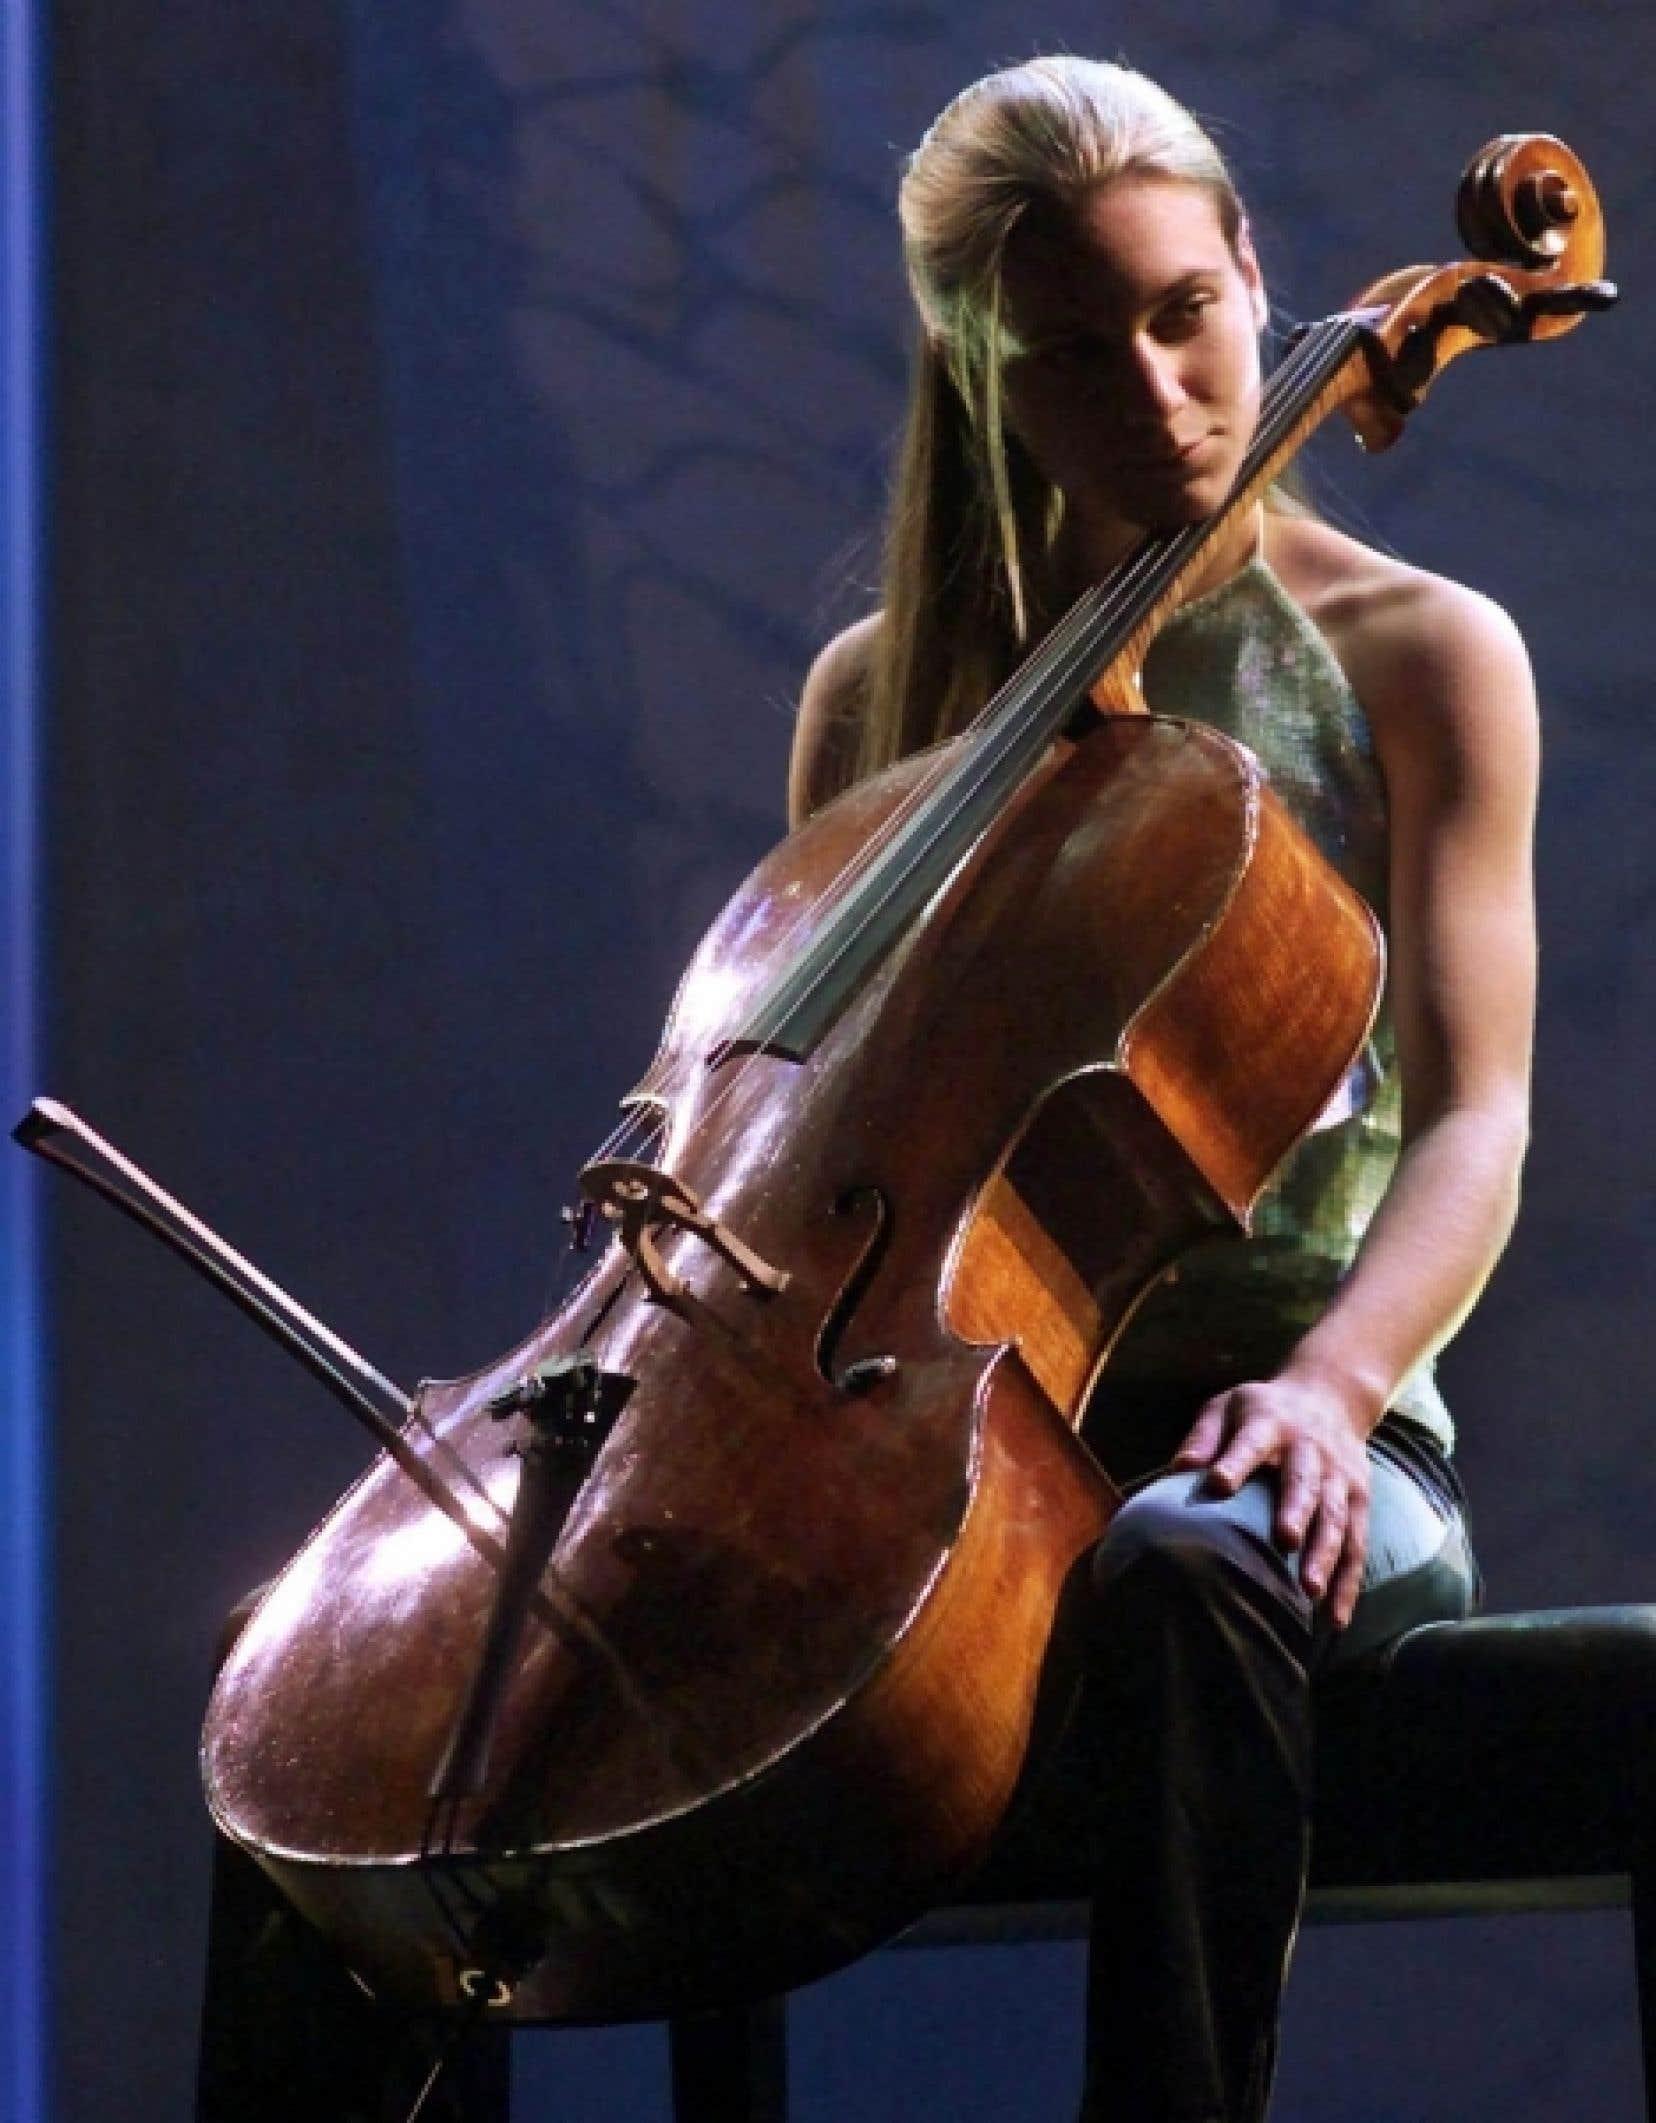 Un violoncelle Stradivarius semblable à celui de cette musicienne d'Halifax arrivera bientôt au Québec.<br />